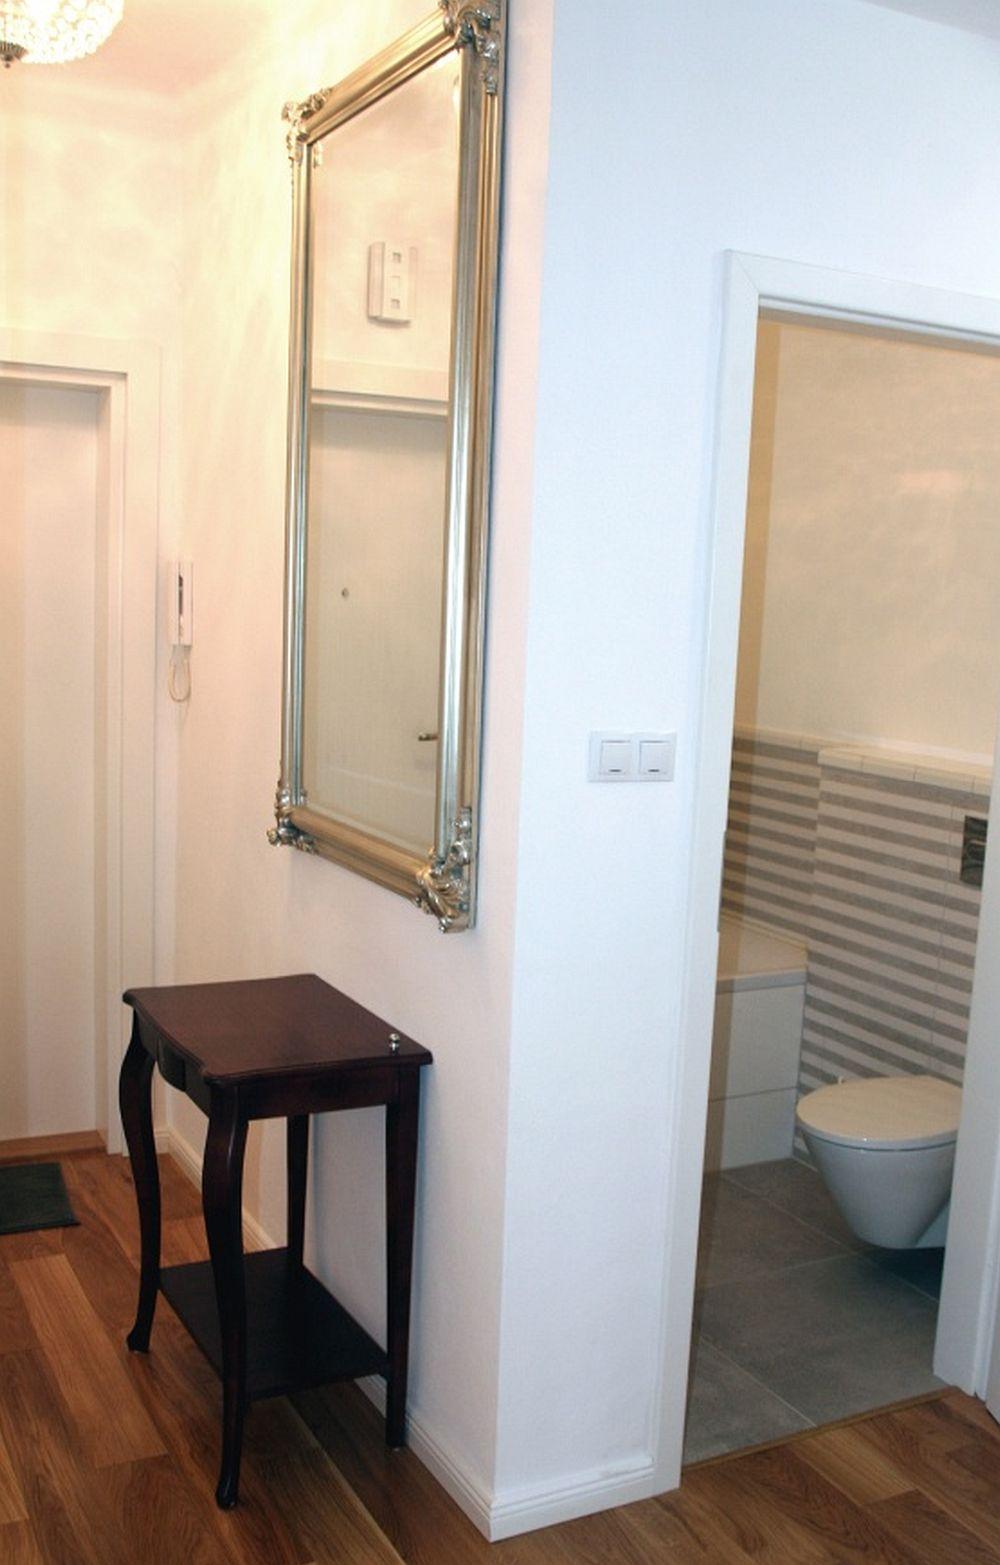 Înainte de renovare ușa camerei de baie se deschidea din holul de la intrare. Practic unde se află acum consola cu oglindă era înainte ușa de la baie. Fiind mutată, ușa nu mai ăncurcă spațiul de circulație din zona intrării în garsonieră.